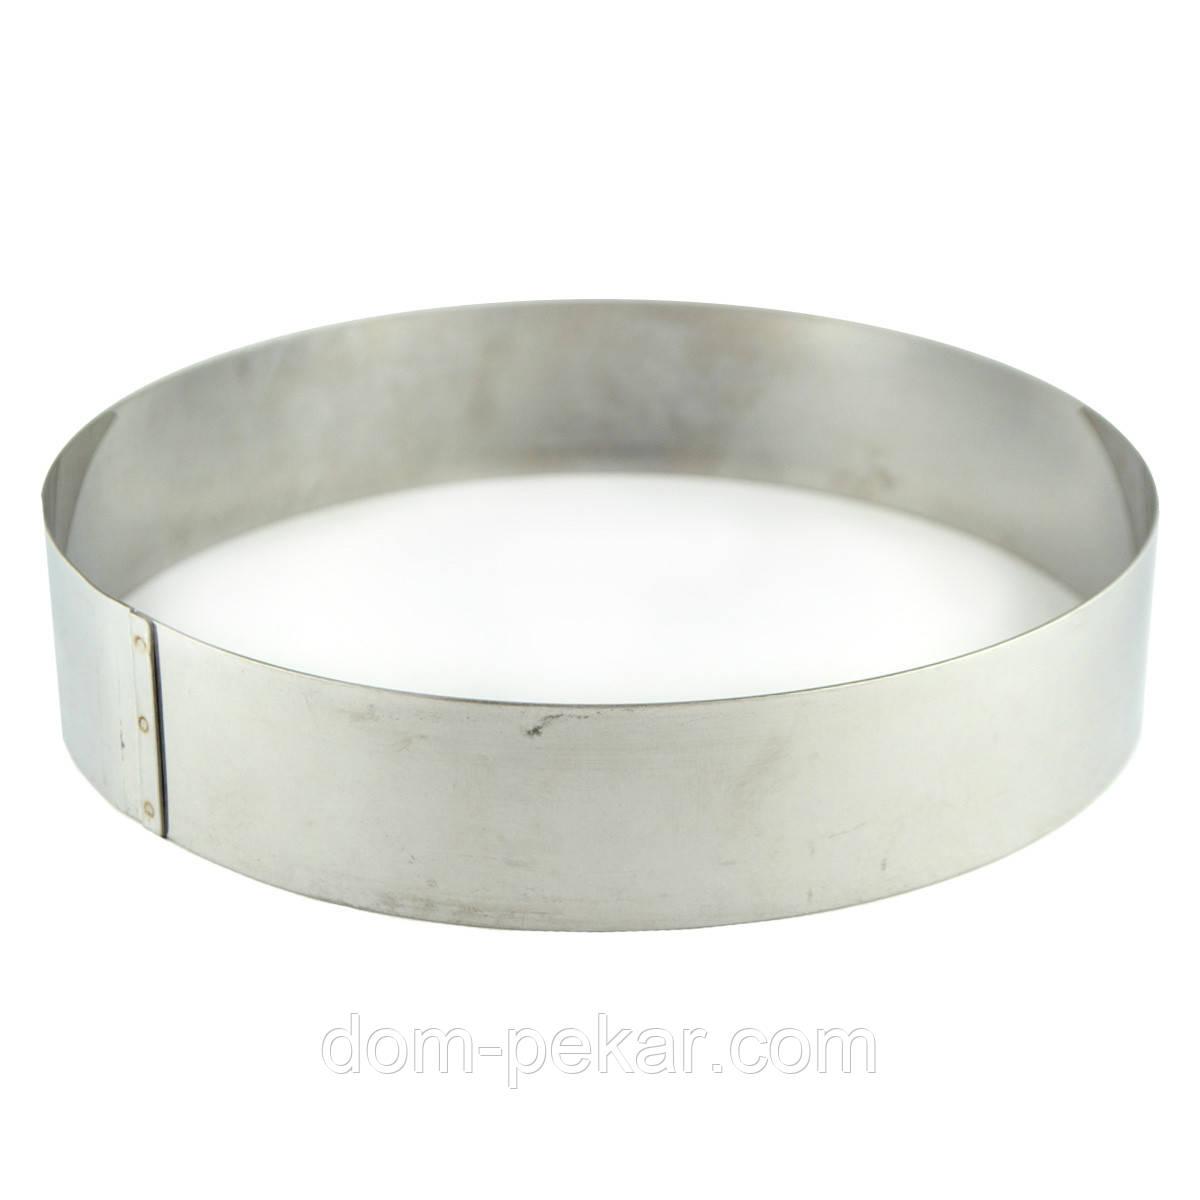 Кольцо H40 D200 кондитерское толщина 0,8 мм сталь AISI 304